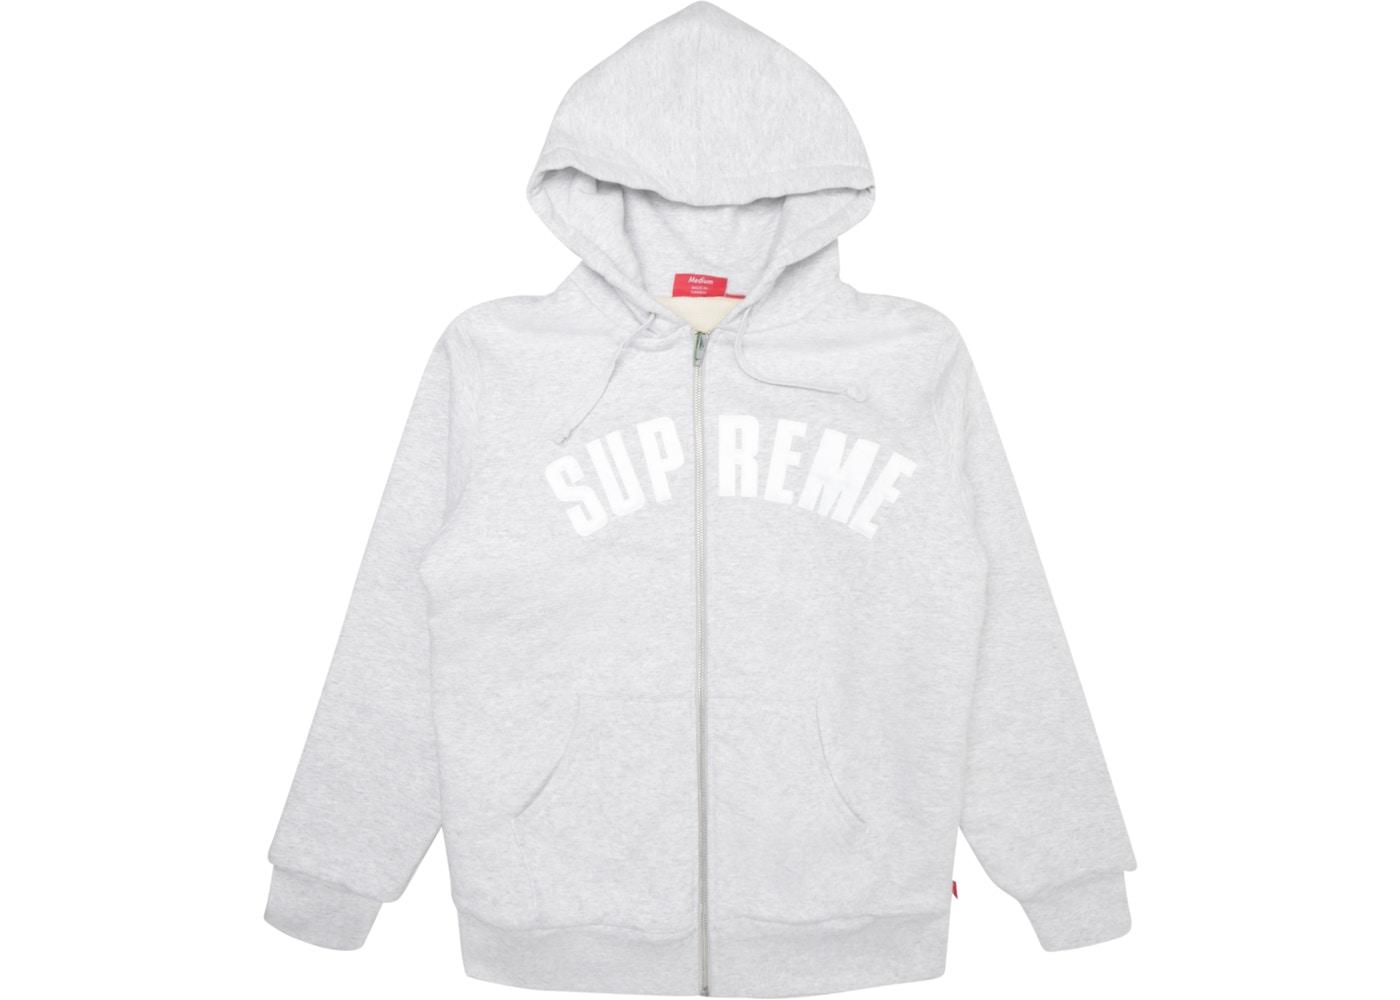 Supreme Arc Logo Thermal Zip Up Sweatshirt Ash Grey.